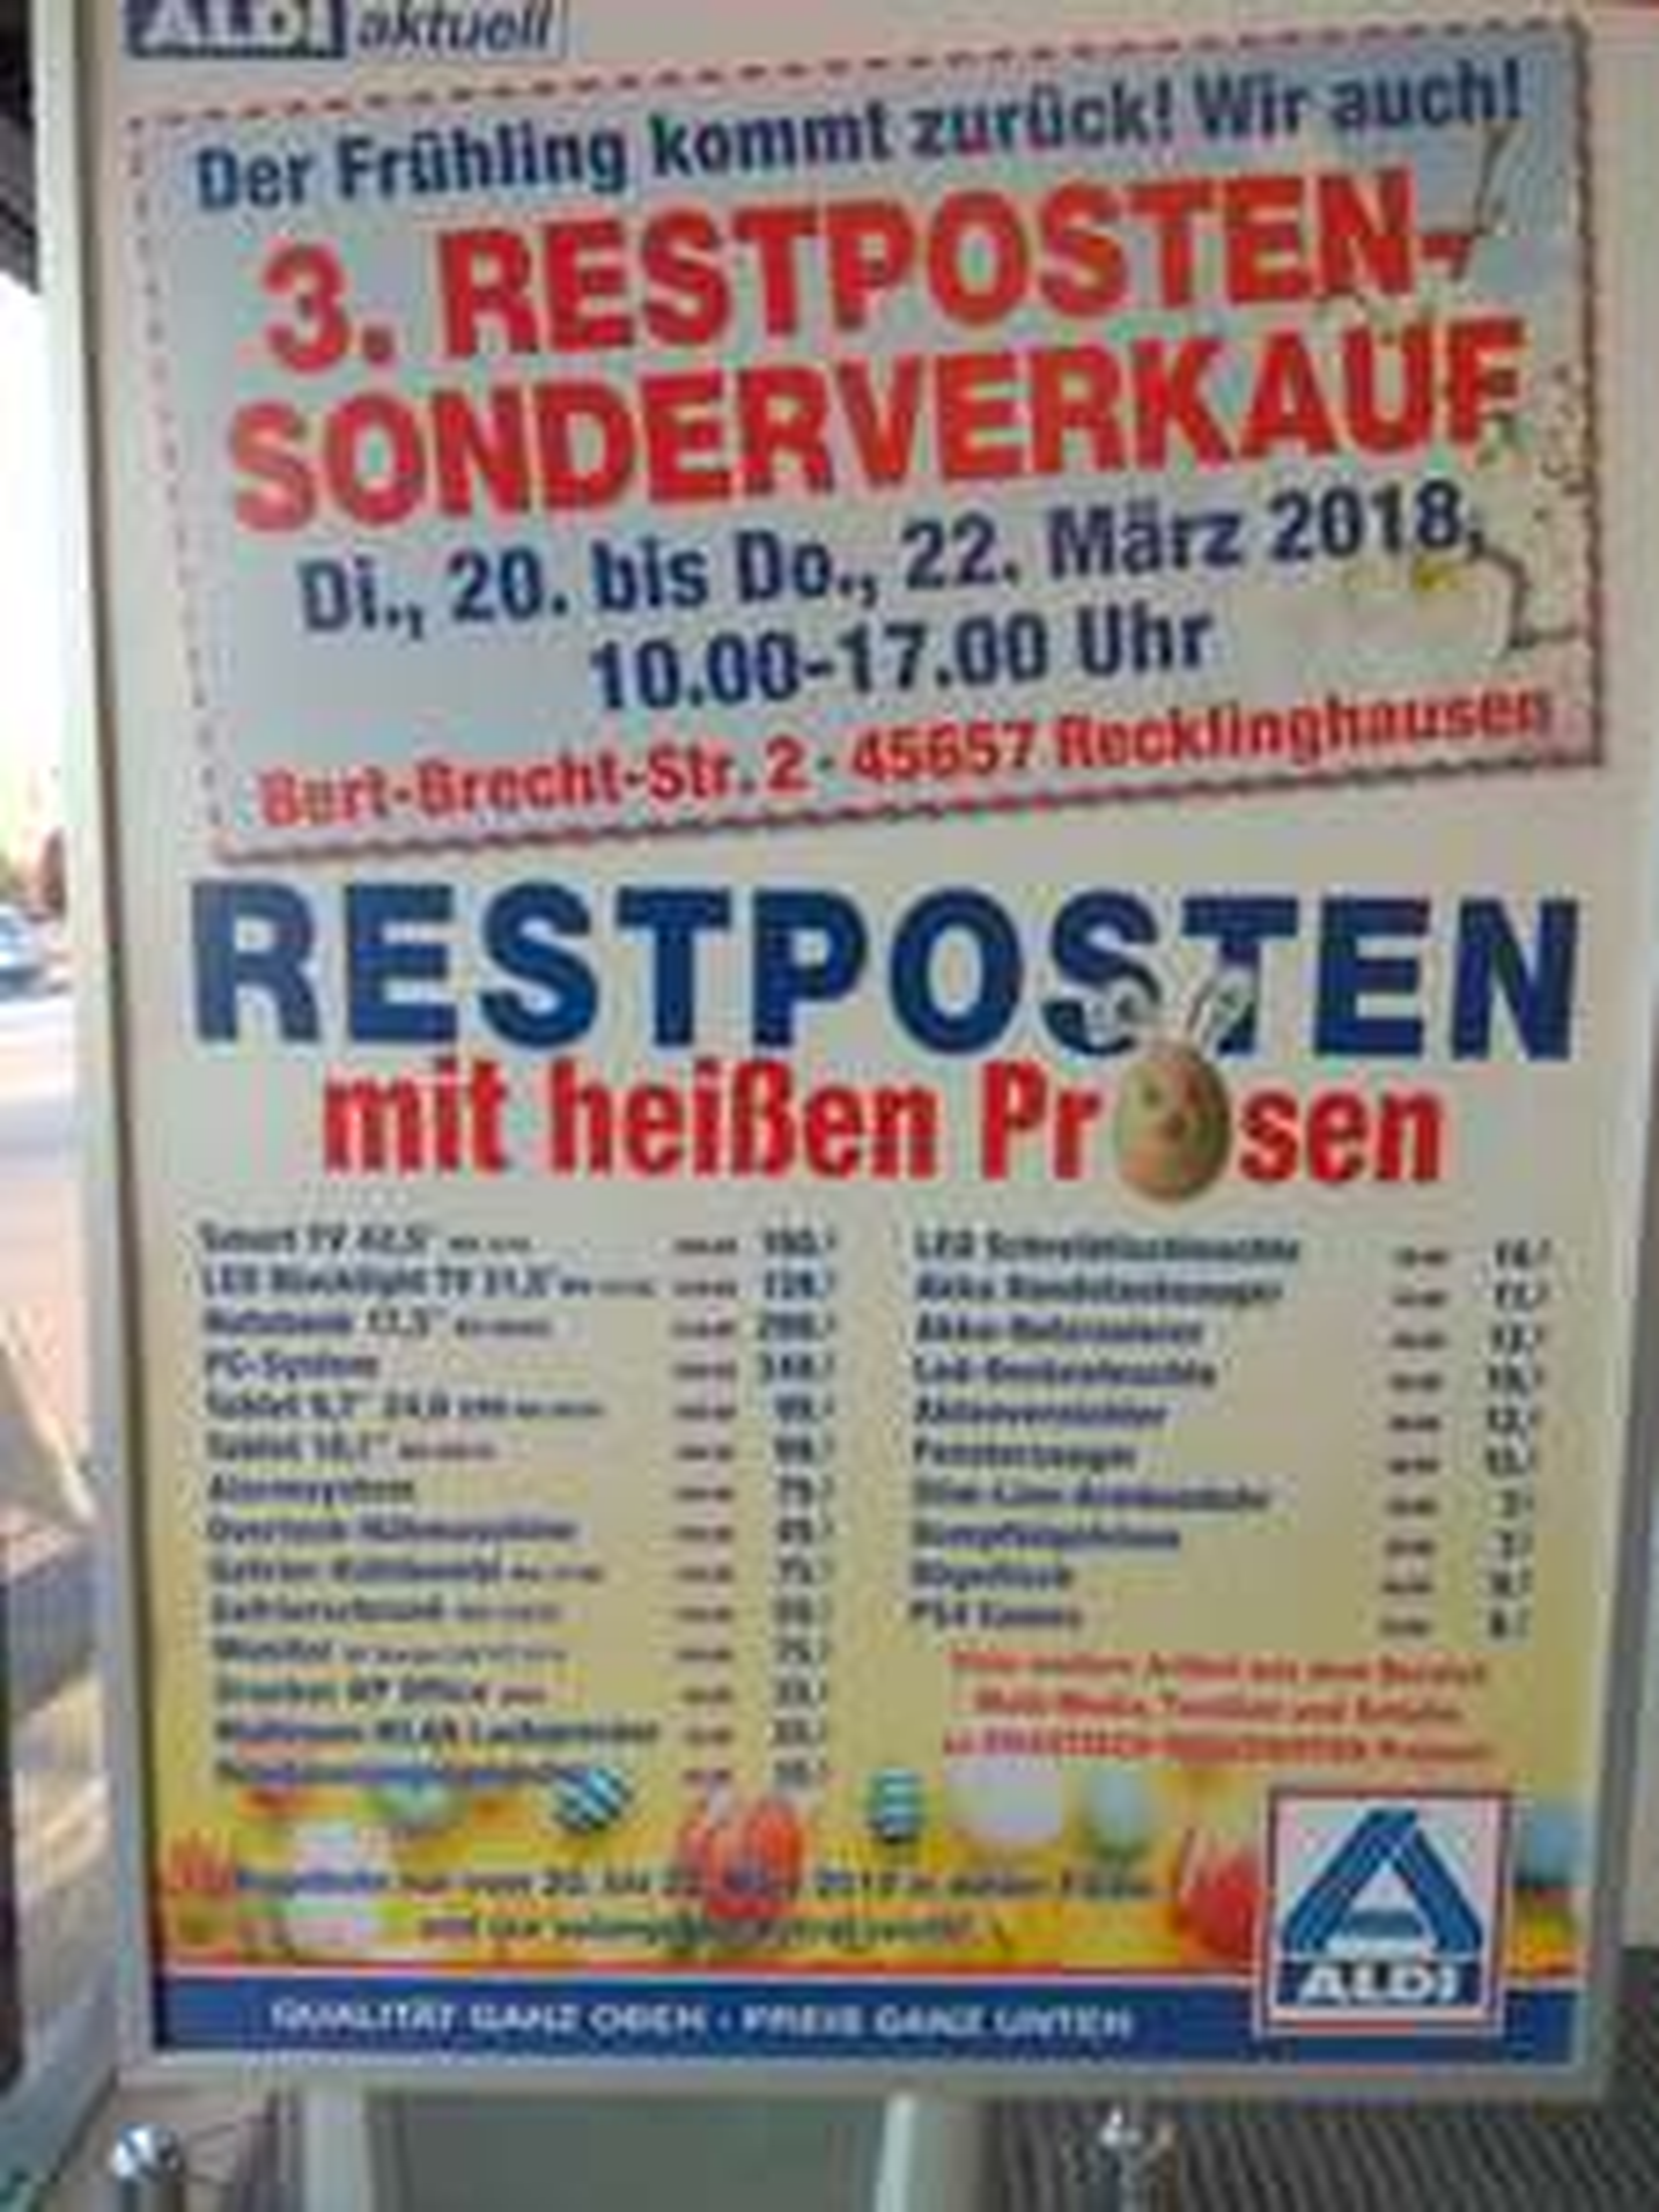 Lokal - Aldi Recklinghausen - 3. Restposten Sonderverkauf